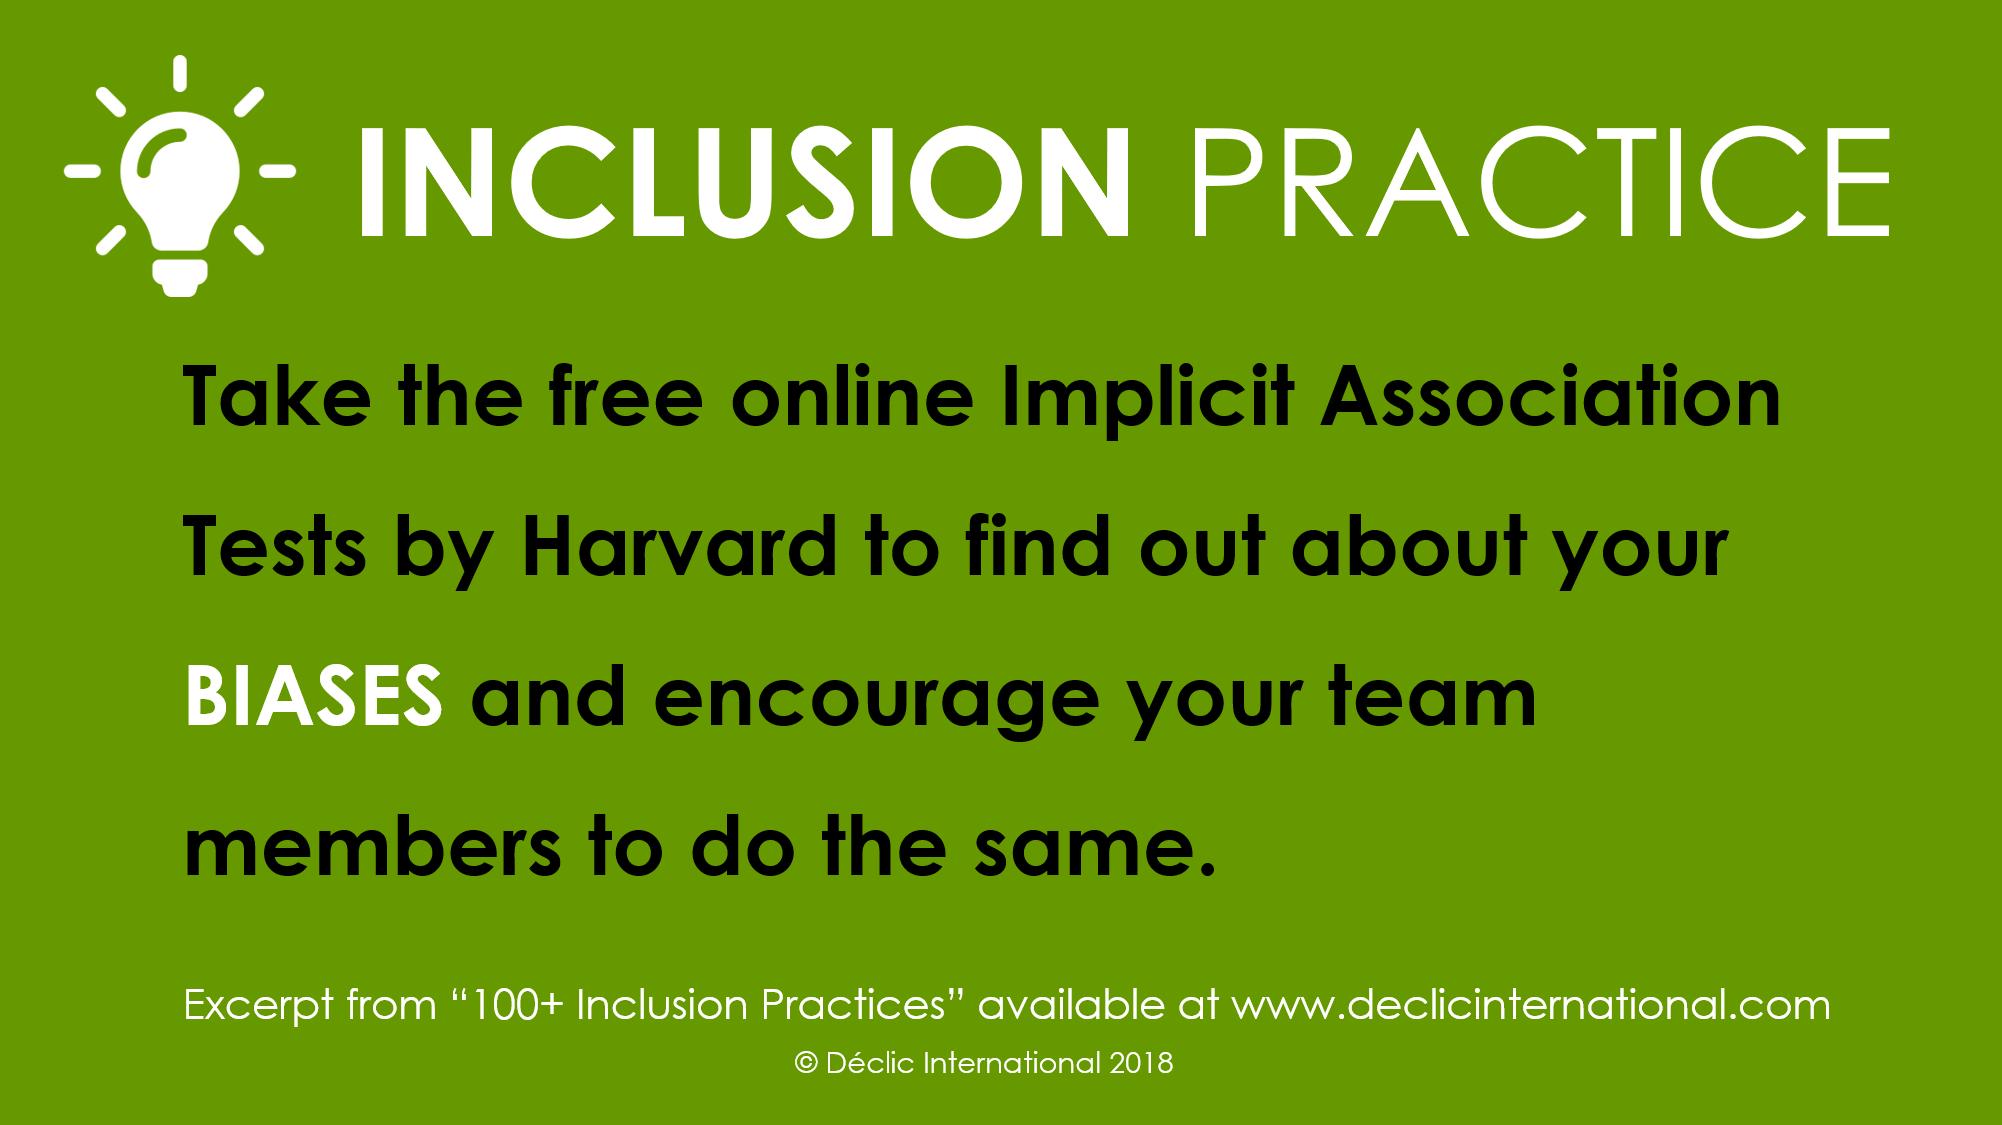 Inclusion Practice - Take the implicit association test - Déclic